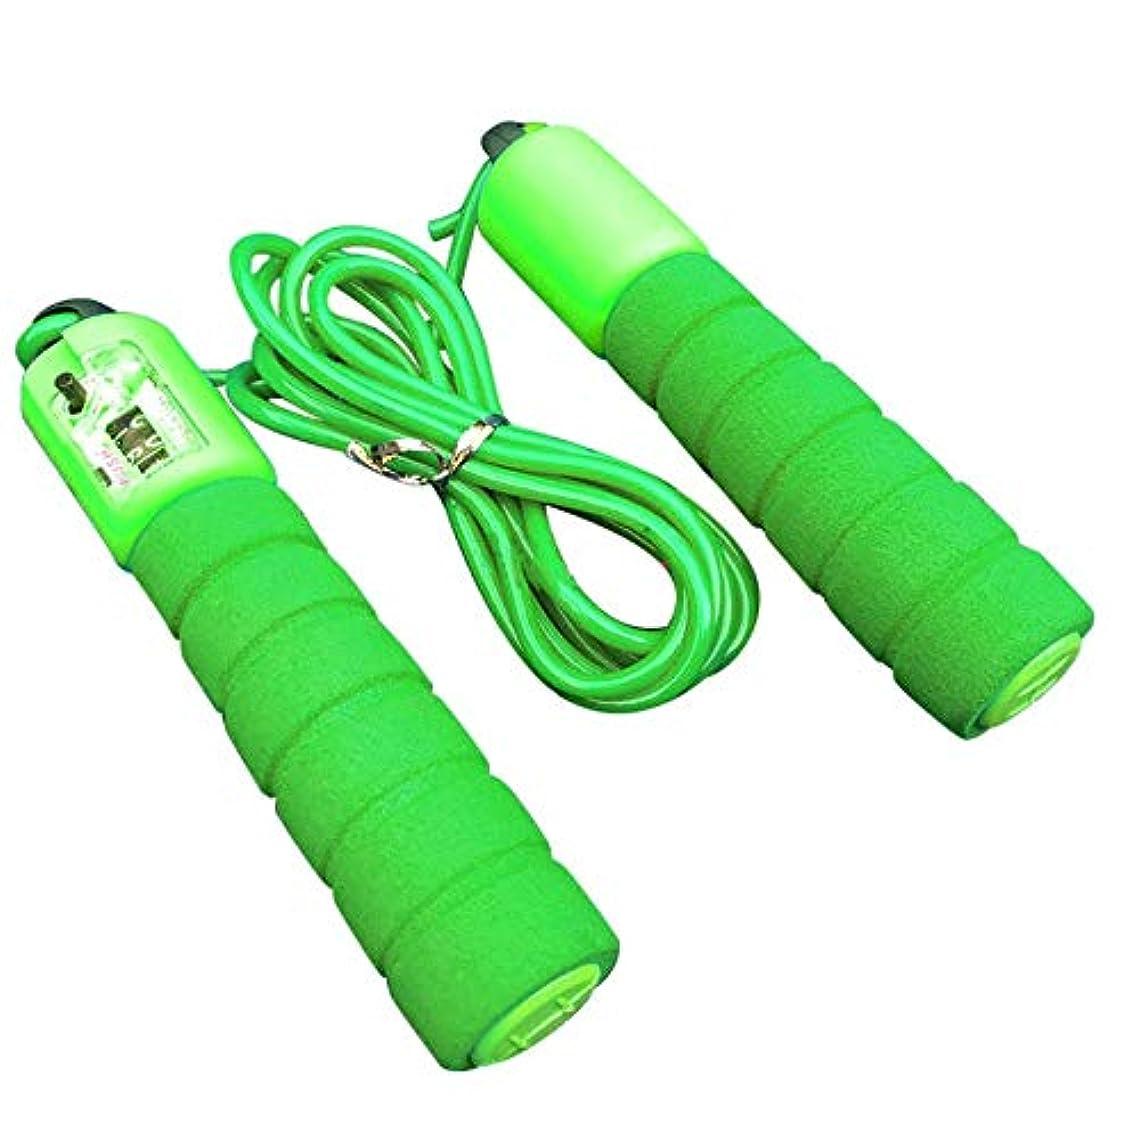 剥離作物ソロ調節可能なプロフェッショナルカウント縄跳び自動カウントジャンプロープフィットネス運動高速カウントジャンプロープ - グリーン